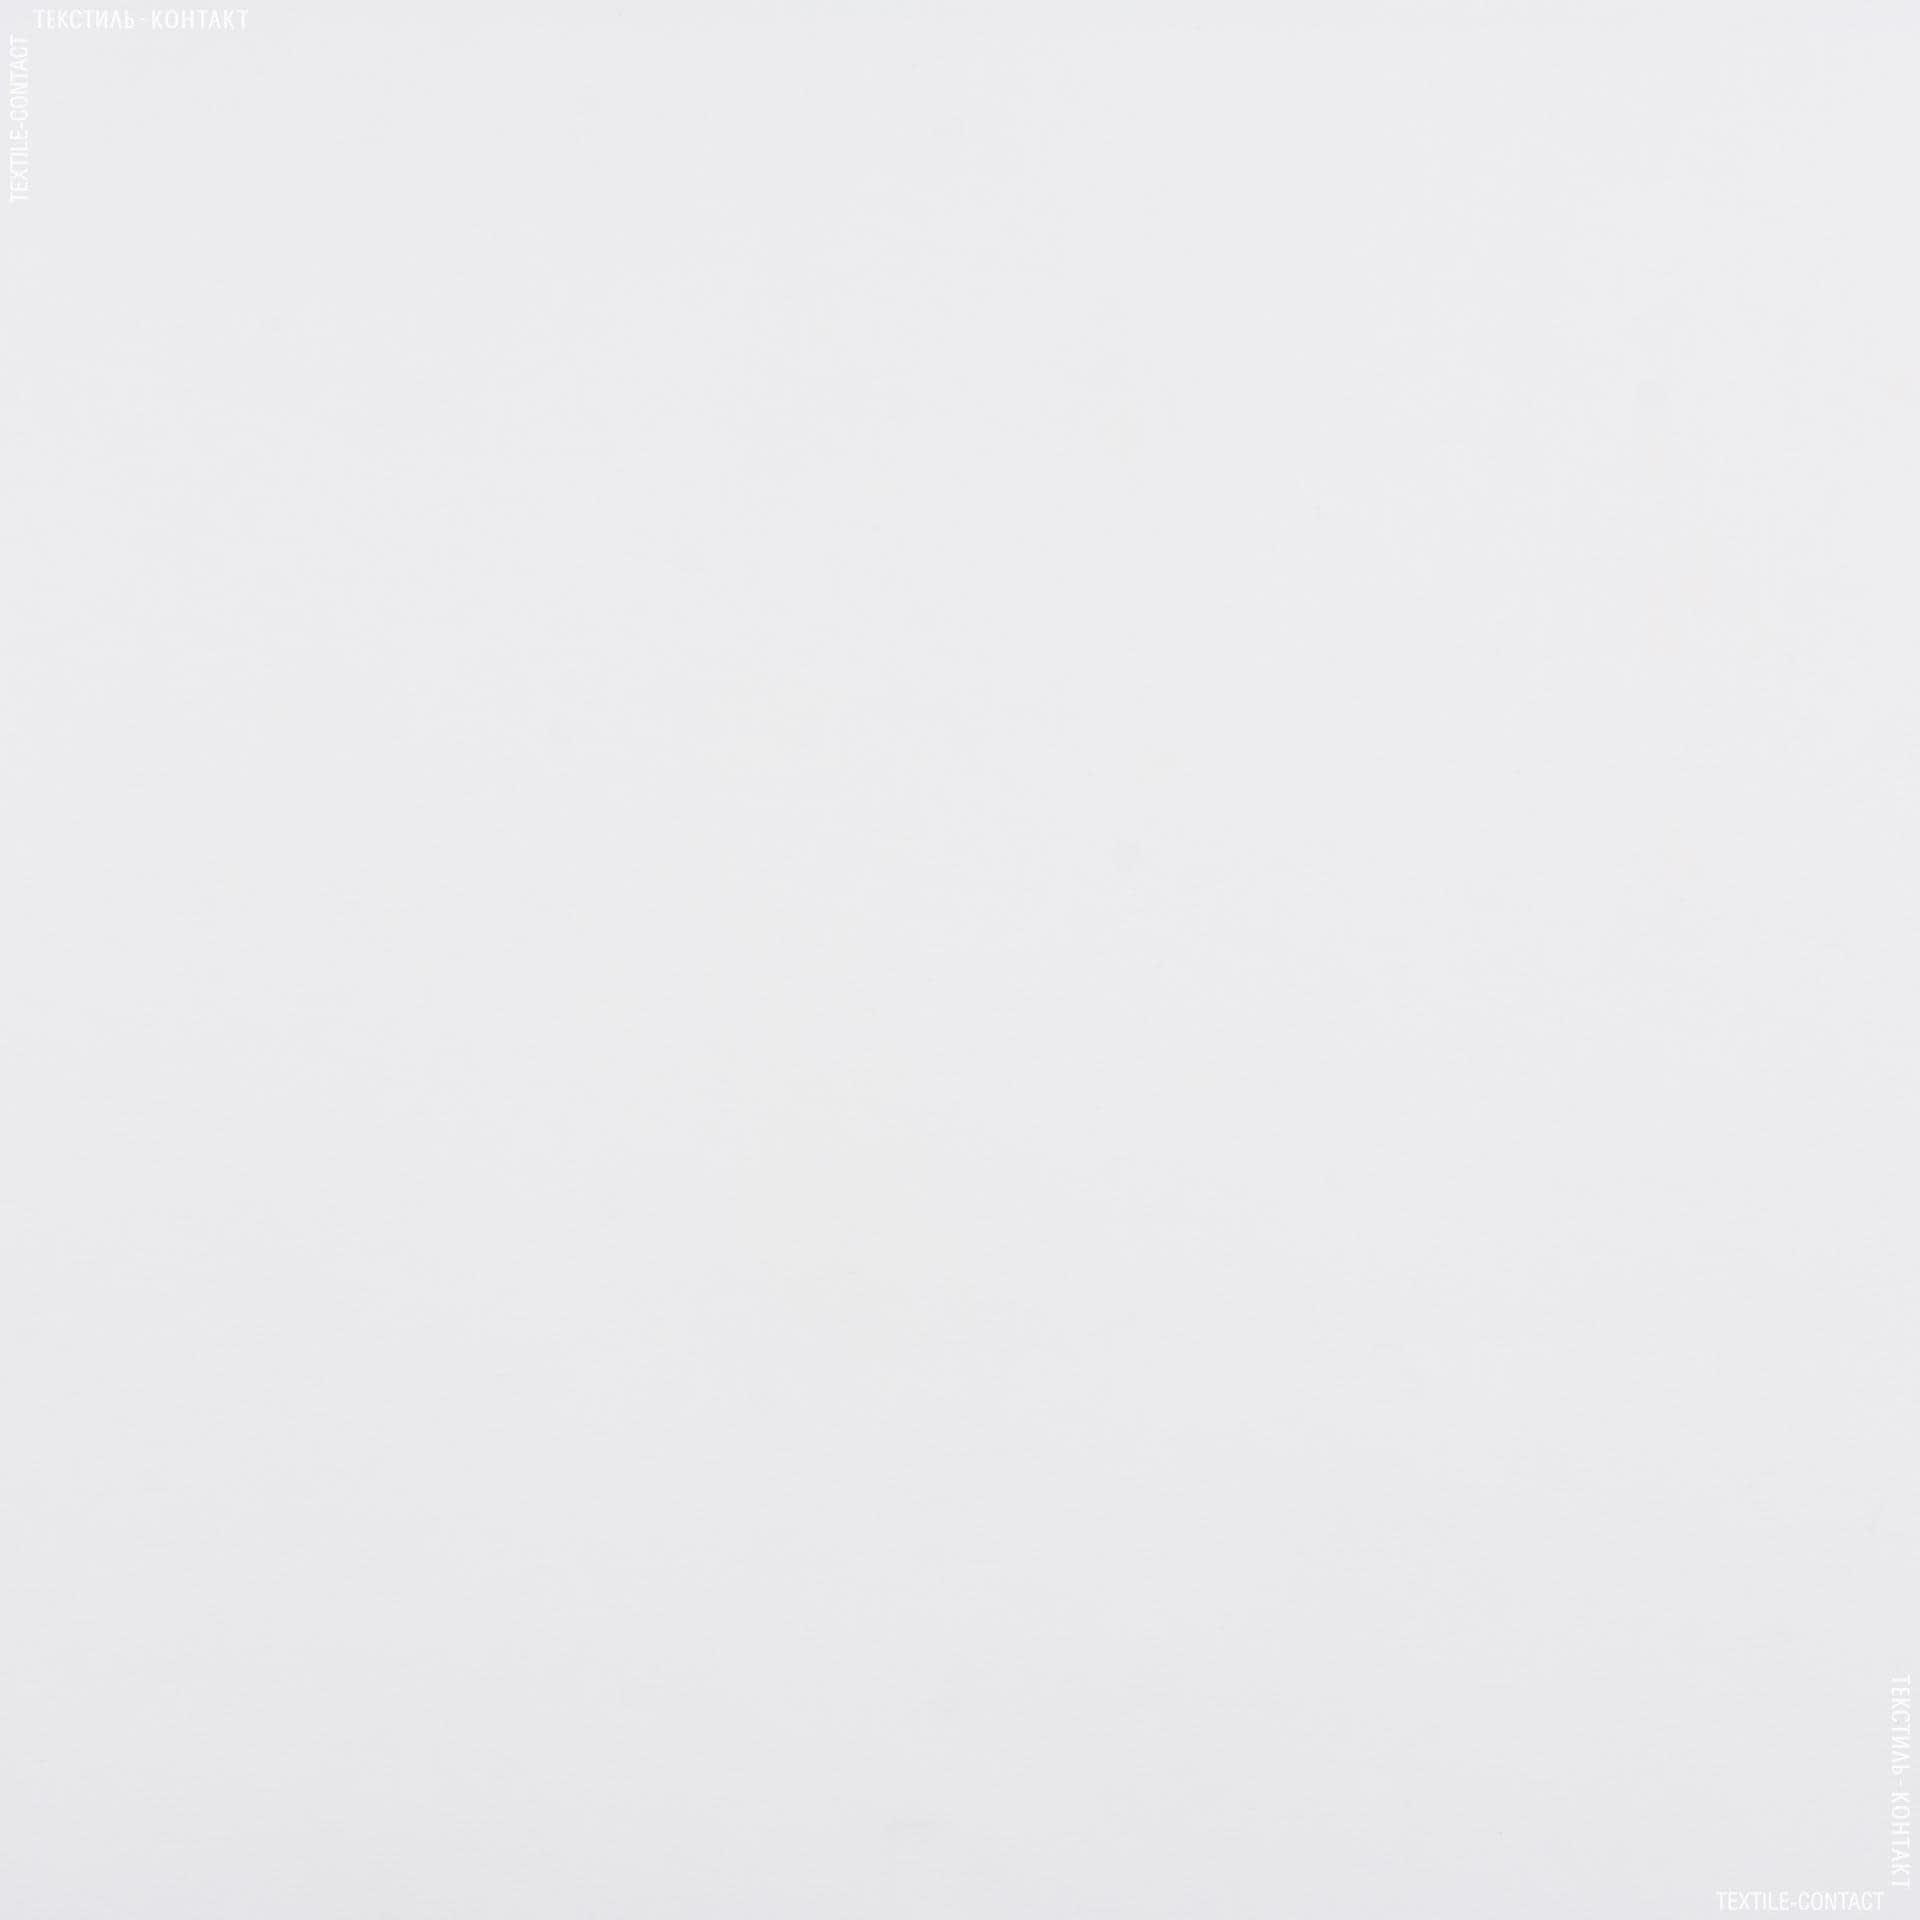 Ткани для верхней одежды - Ода сотина белый